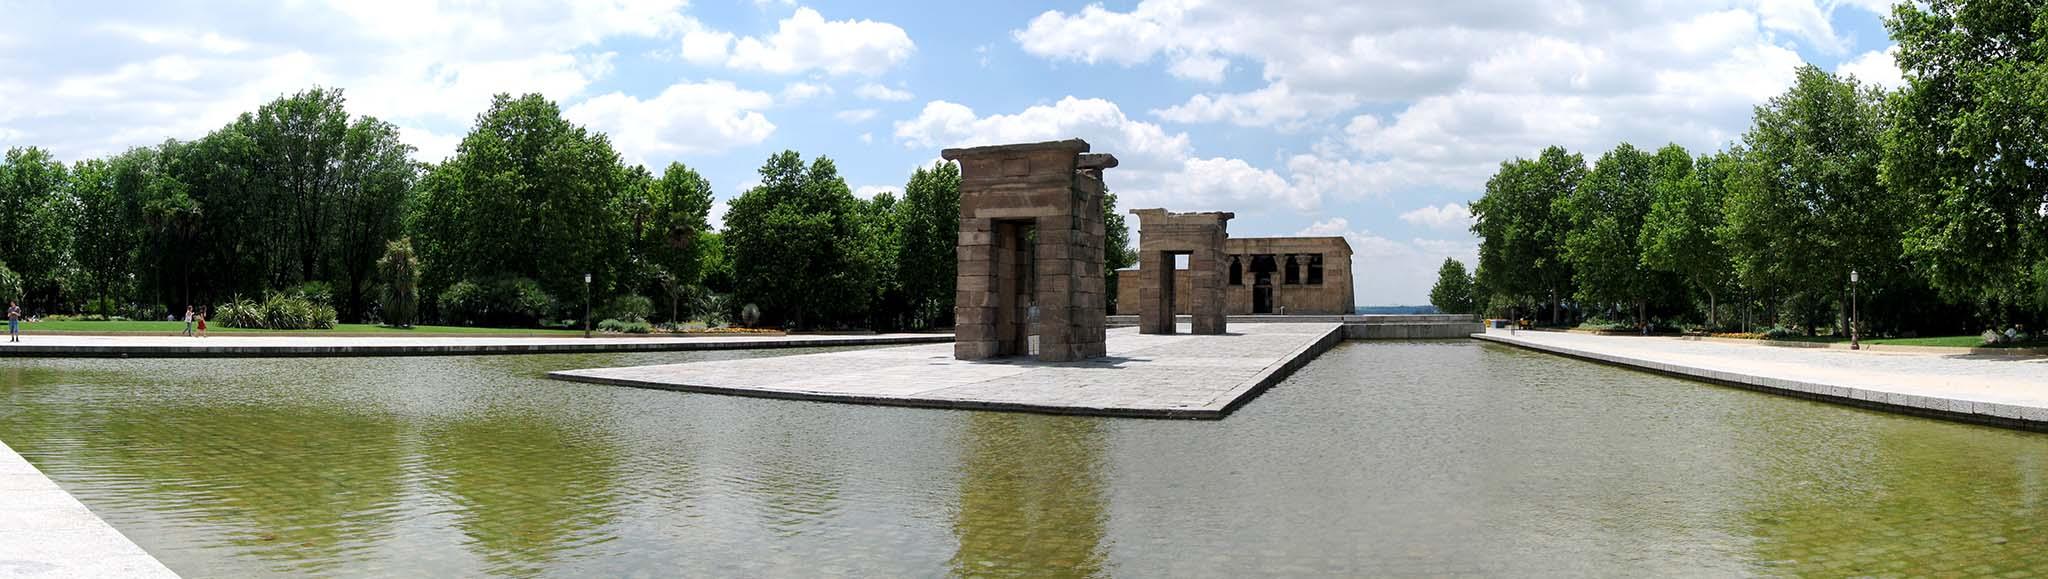 Храм Дебод — достопримечательность Мадрида